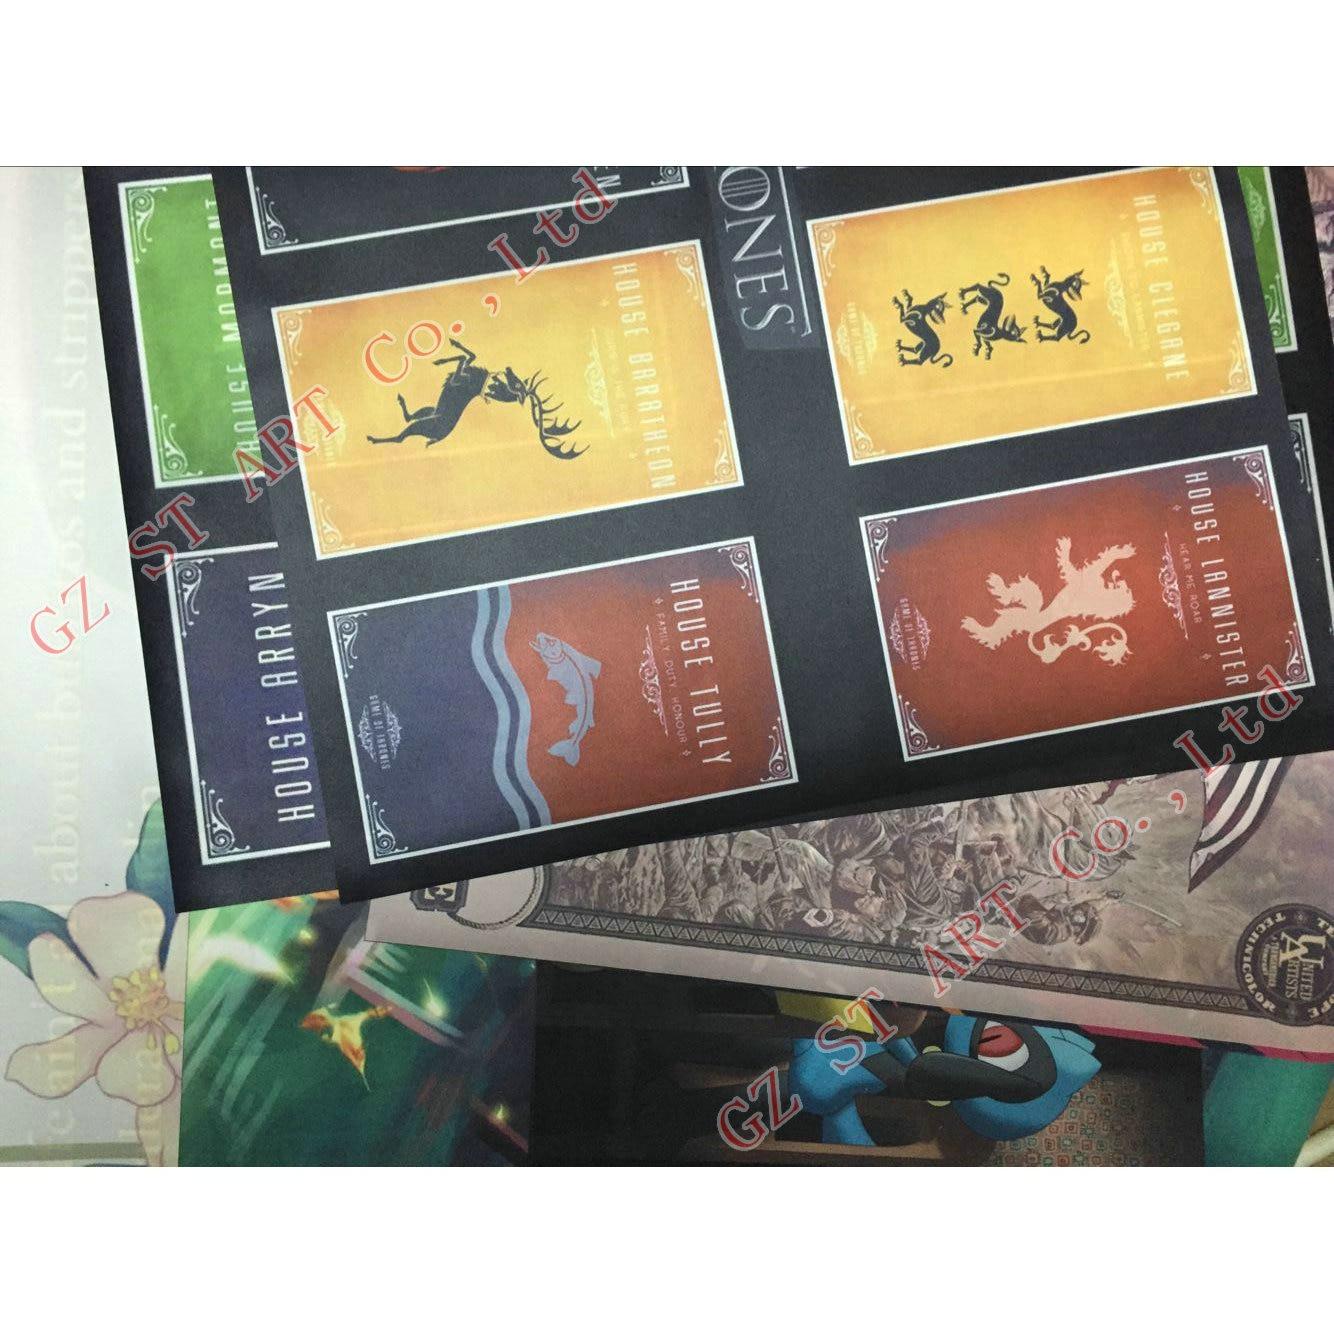 Керуен - Сальвадор Дали көркем жібек - Үйдің декоры - фото 4